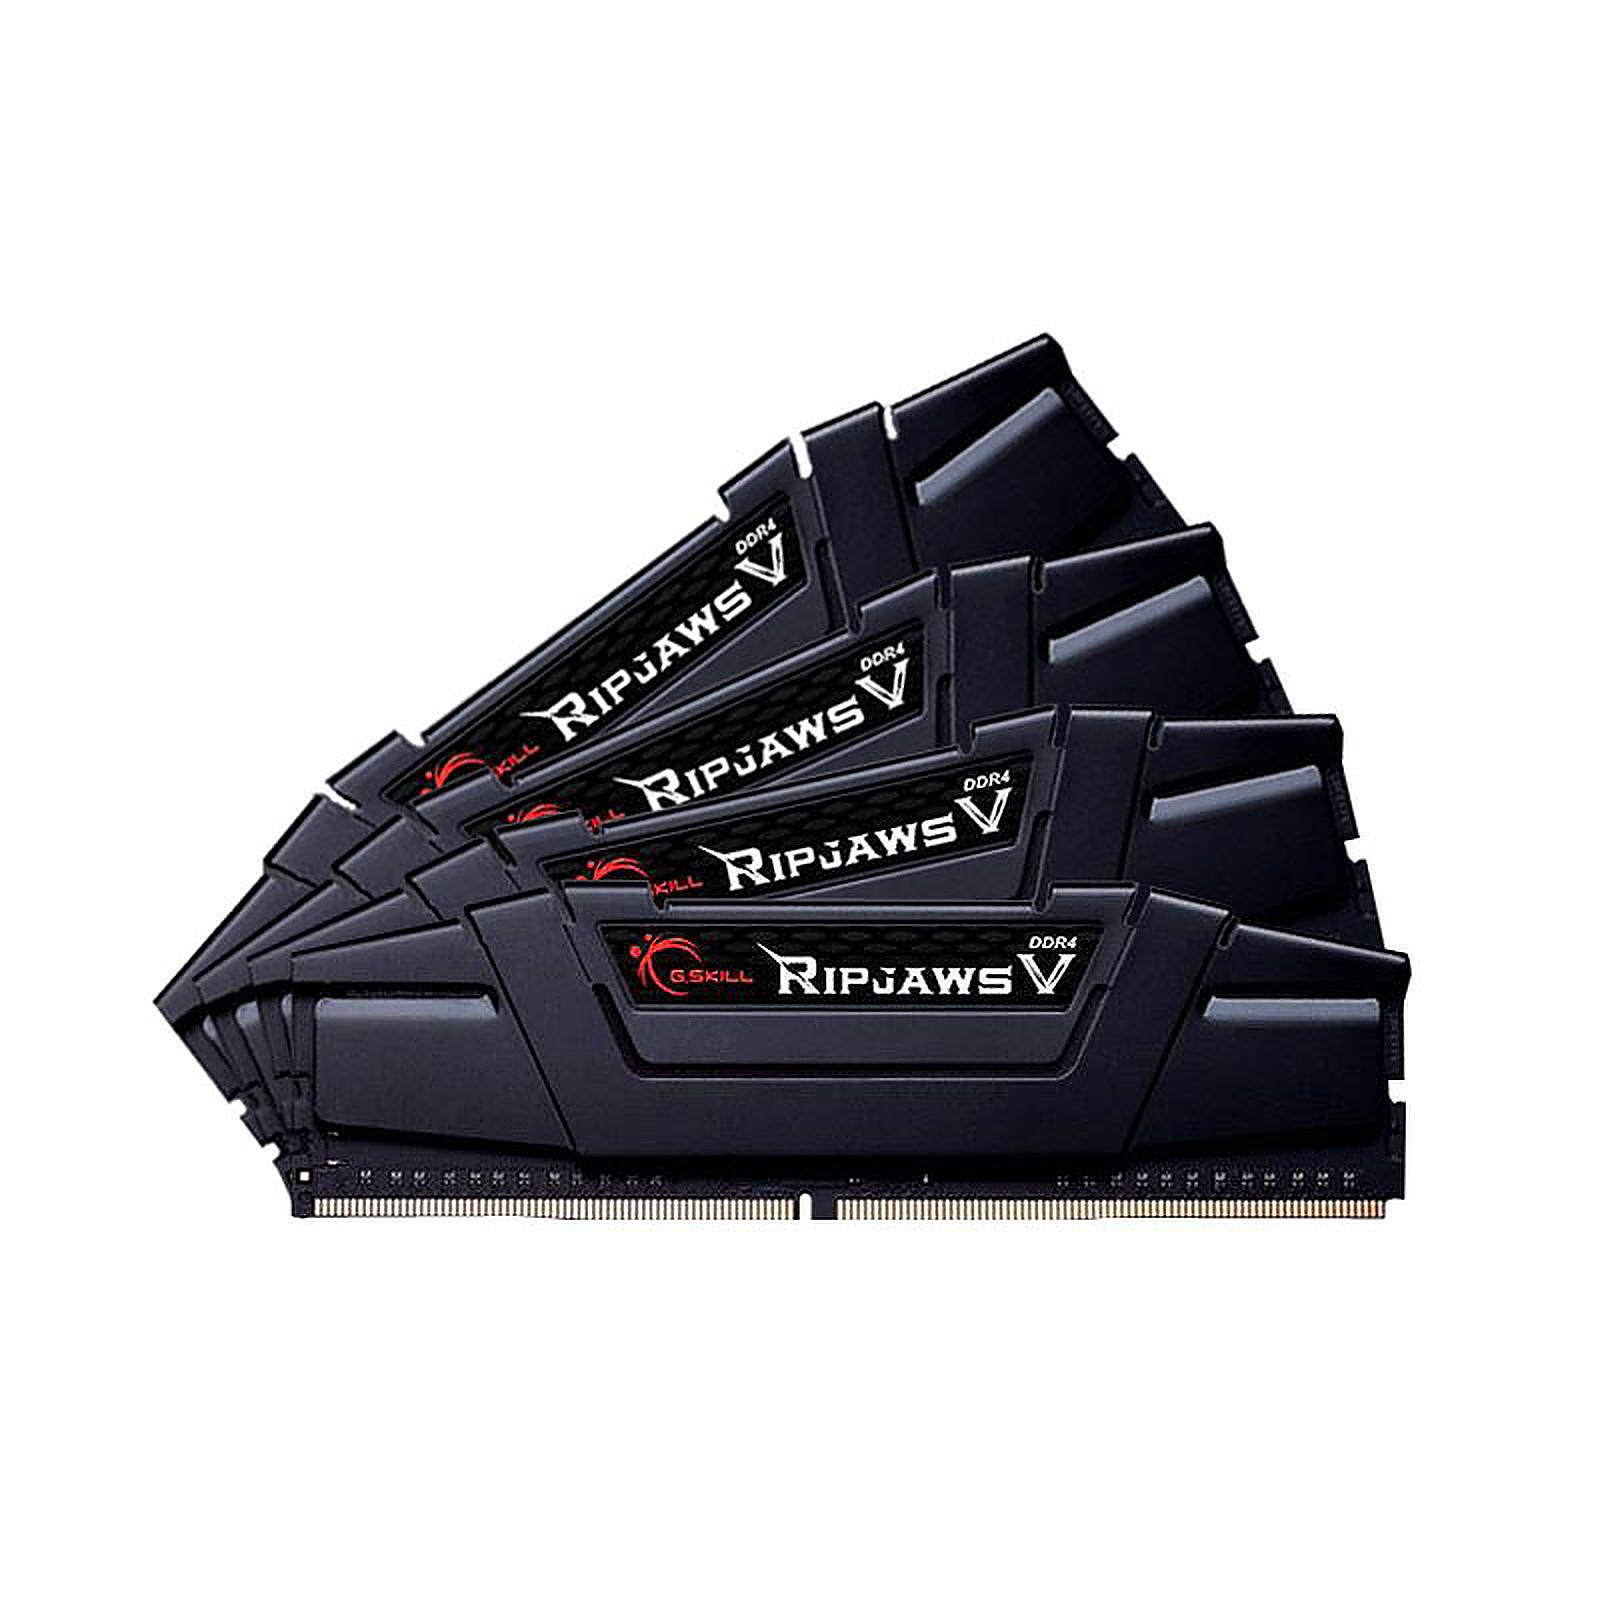 G.Skill RipJaws 5 Series Negro 128 GB (4 x 32 GB) DDR4 3600 MHz CL18